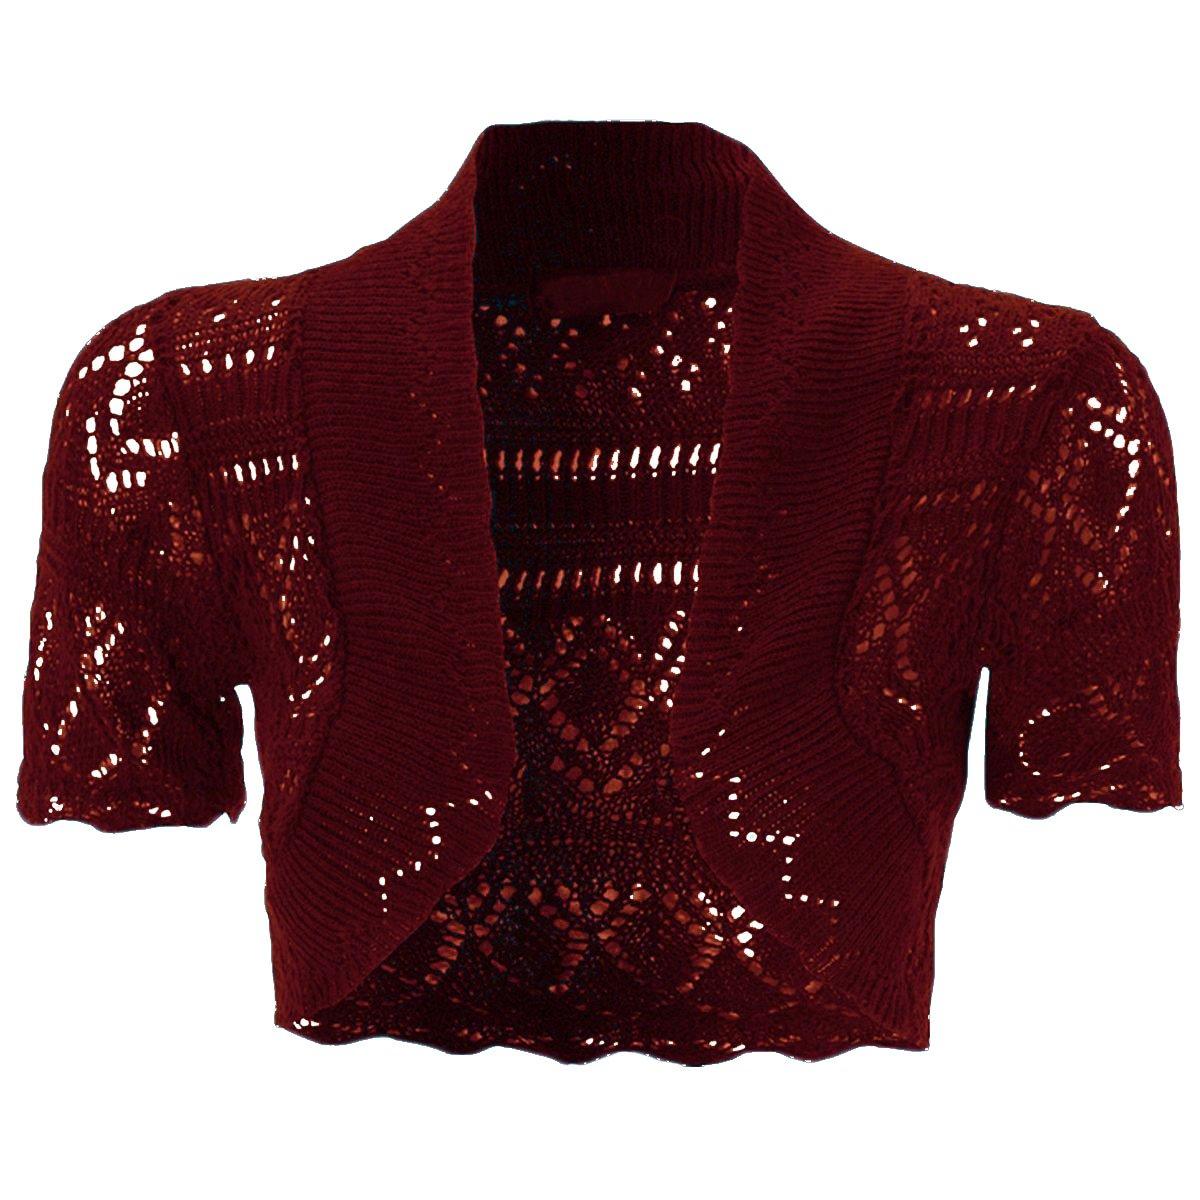 NEW KIDS GIRLS Bolero Knitted Cardigan Shrugs Top AGE: 2 3 4 5 6 7 8 9 10 11 12 13 Years